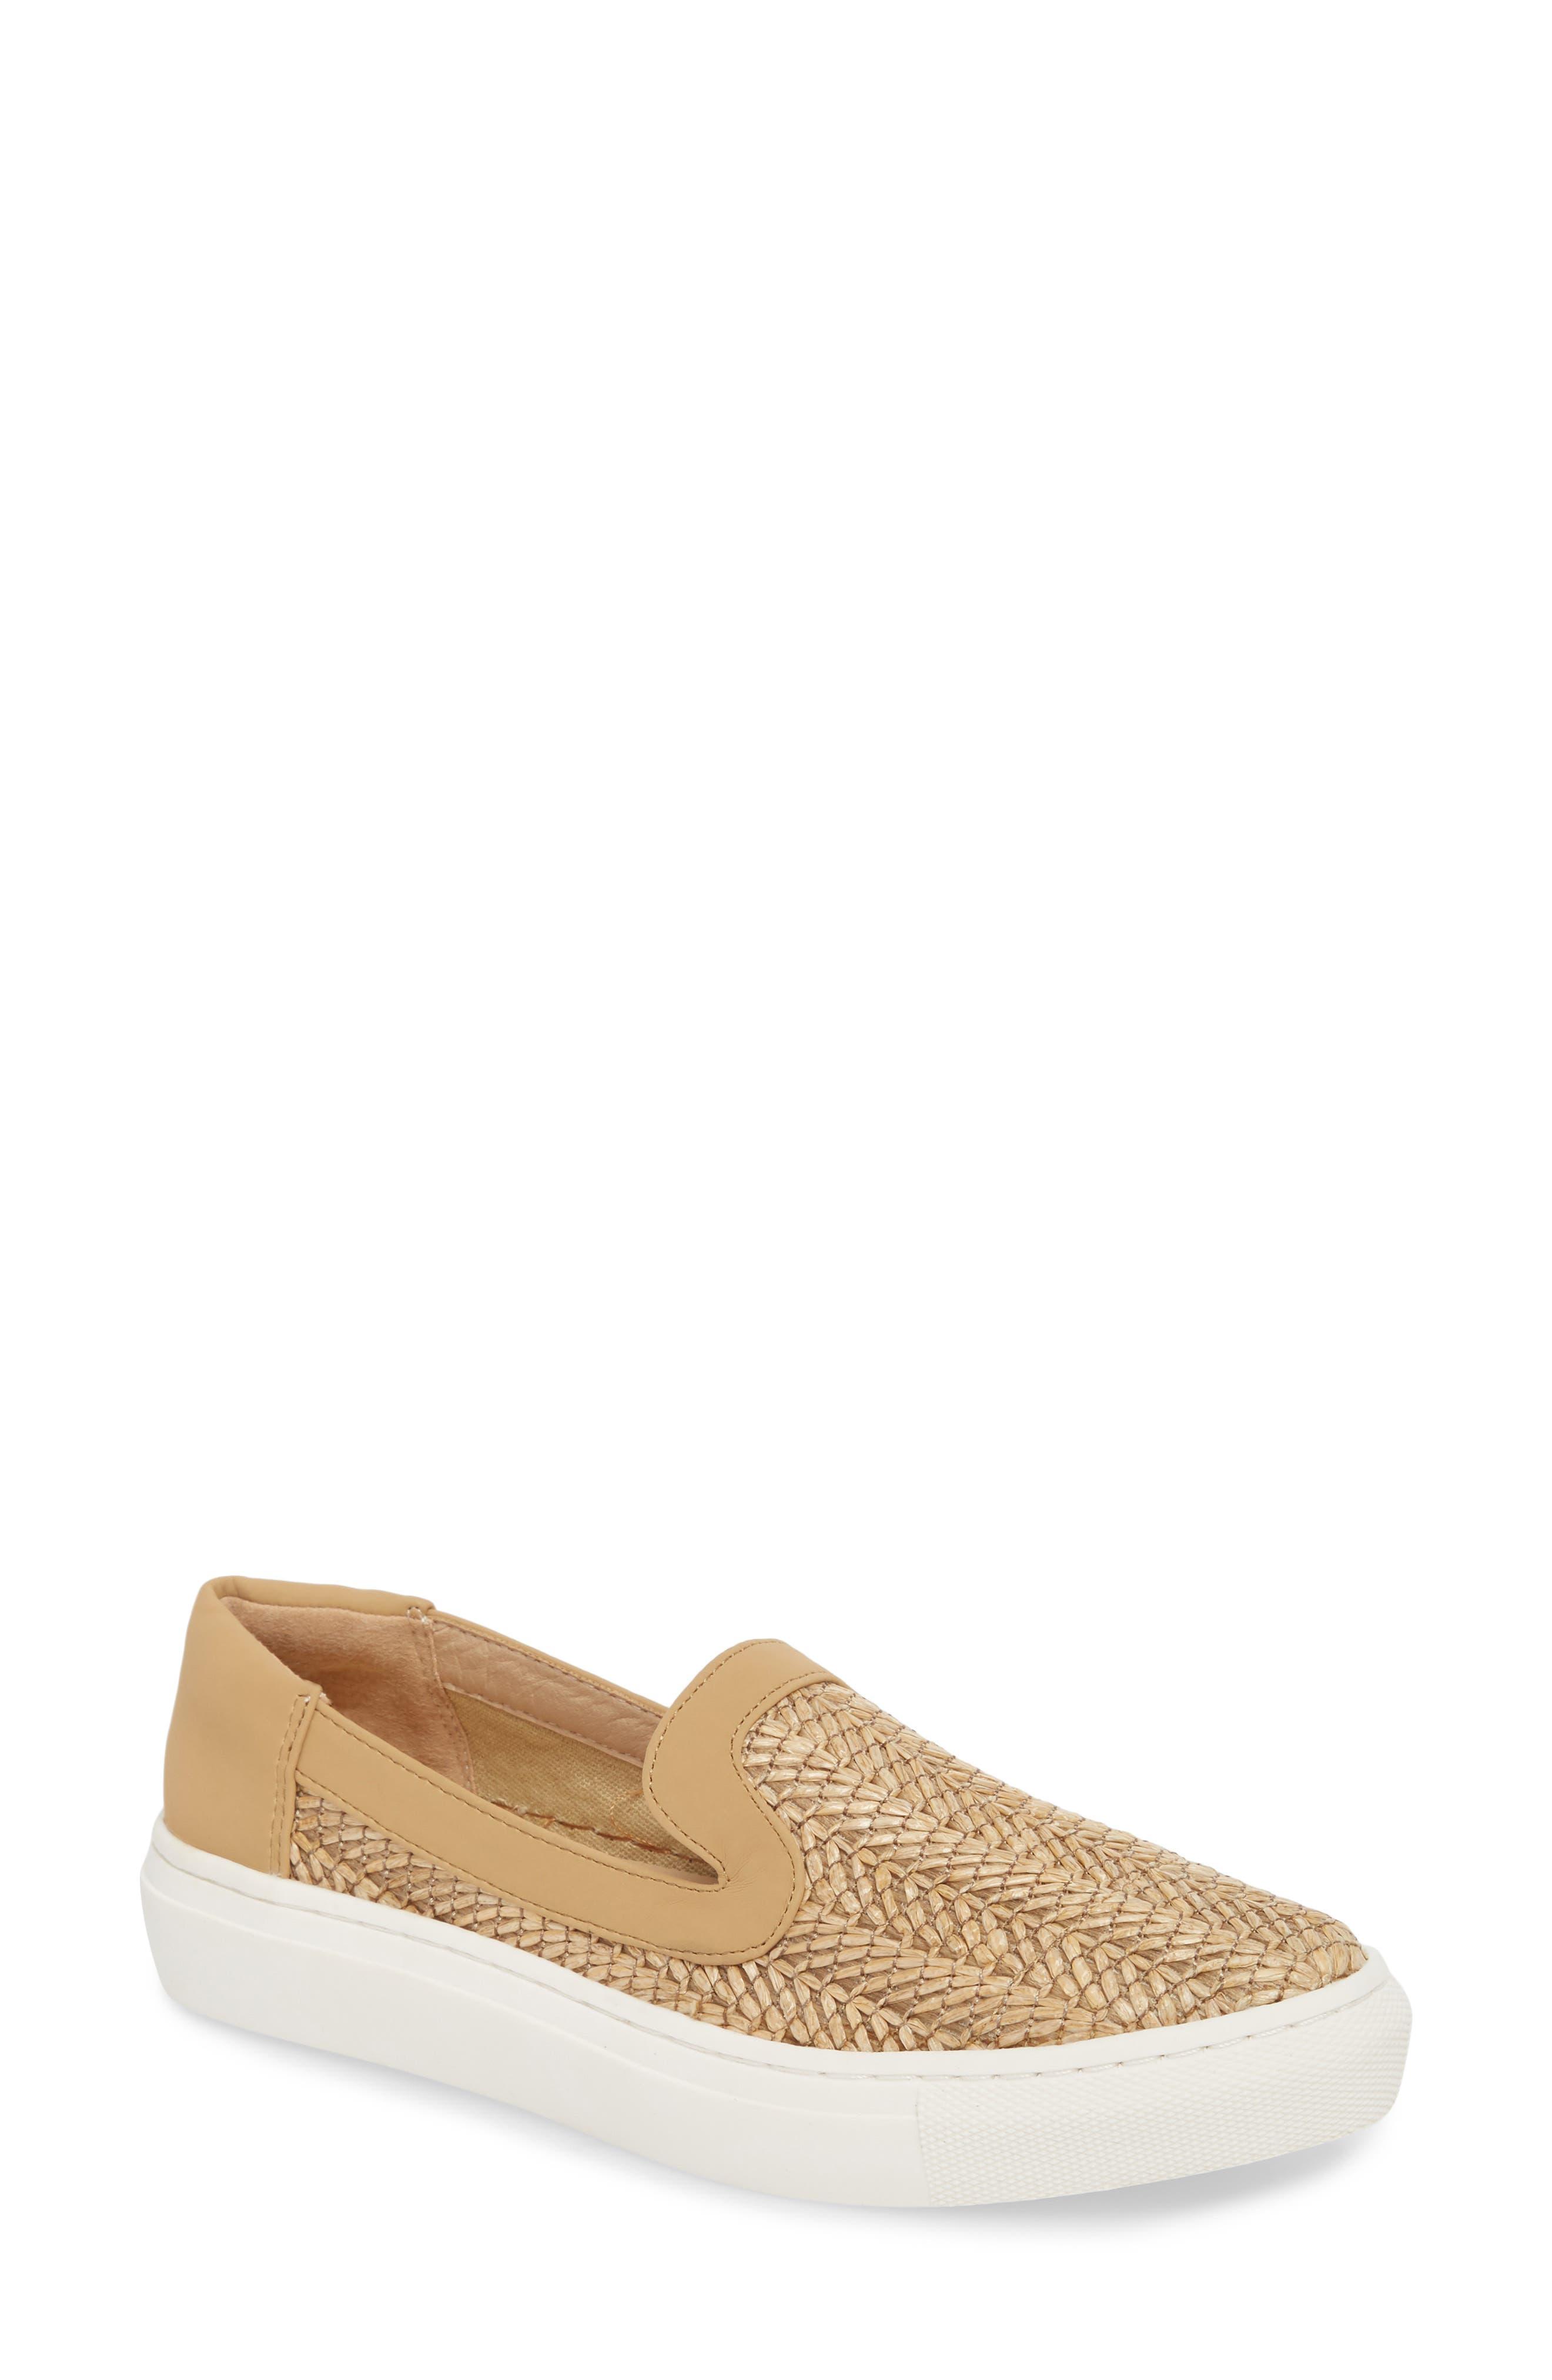 Sbicca Lineth Sneaker (Women)